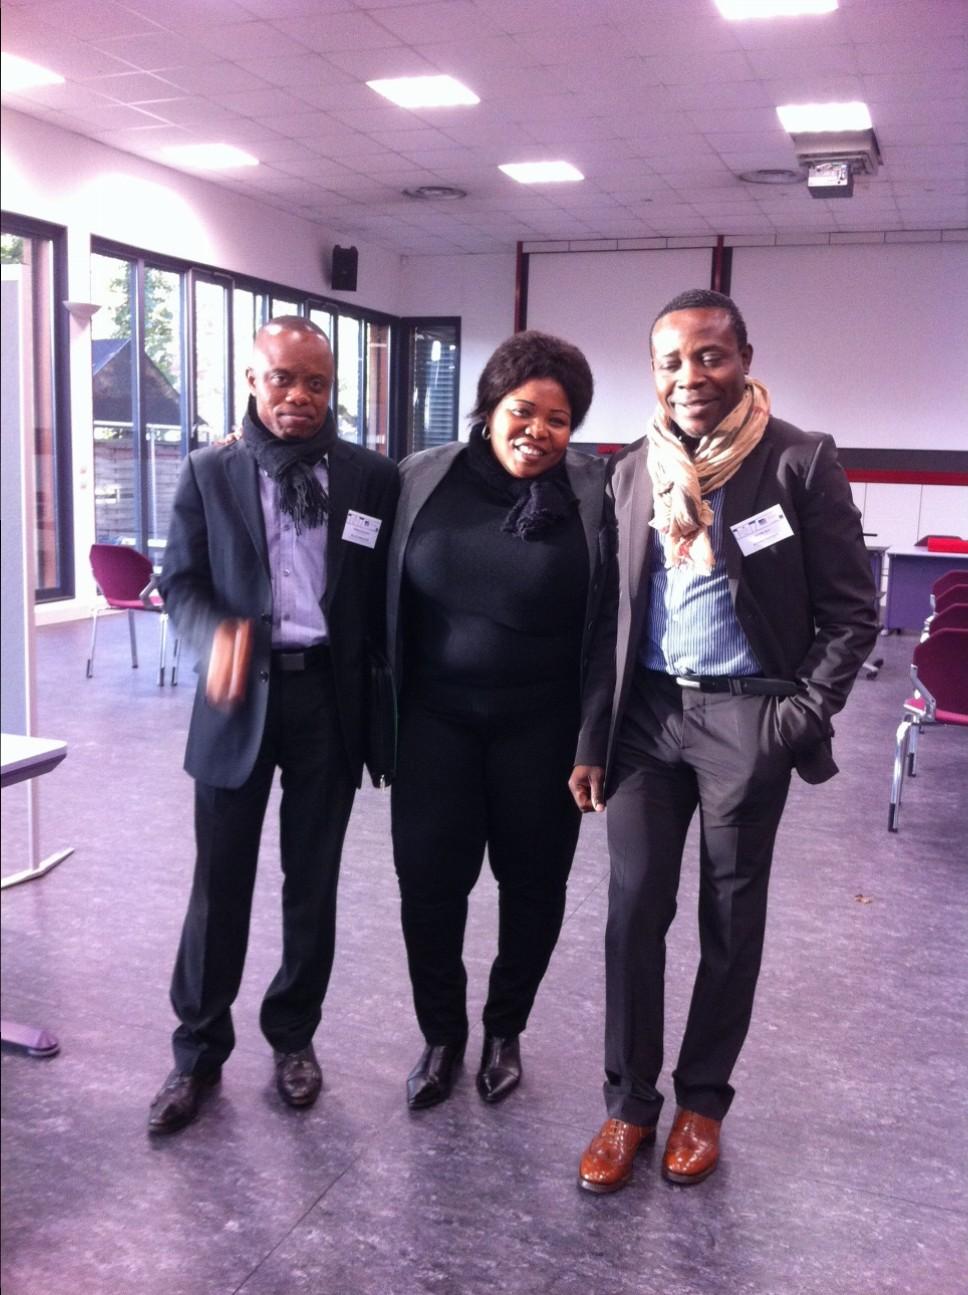 Organisation et participation à la séance de travail avec des étudiants de différentes universités à Strasbourg